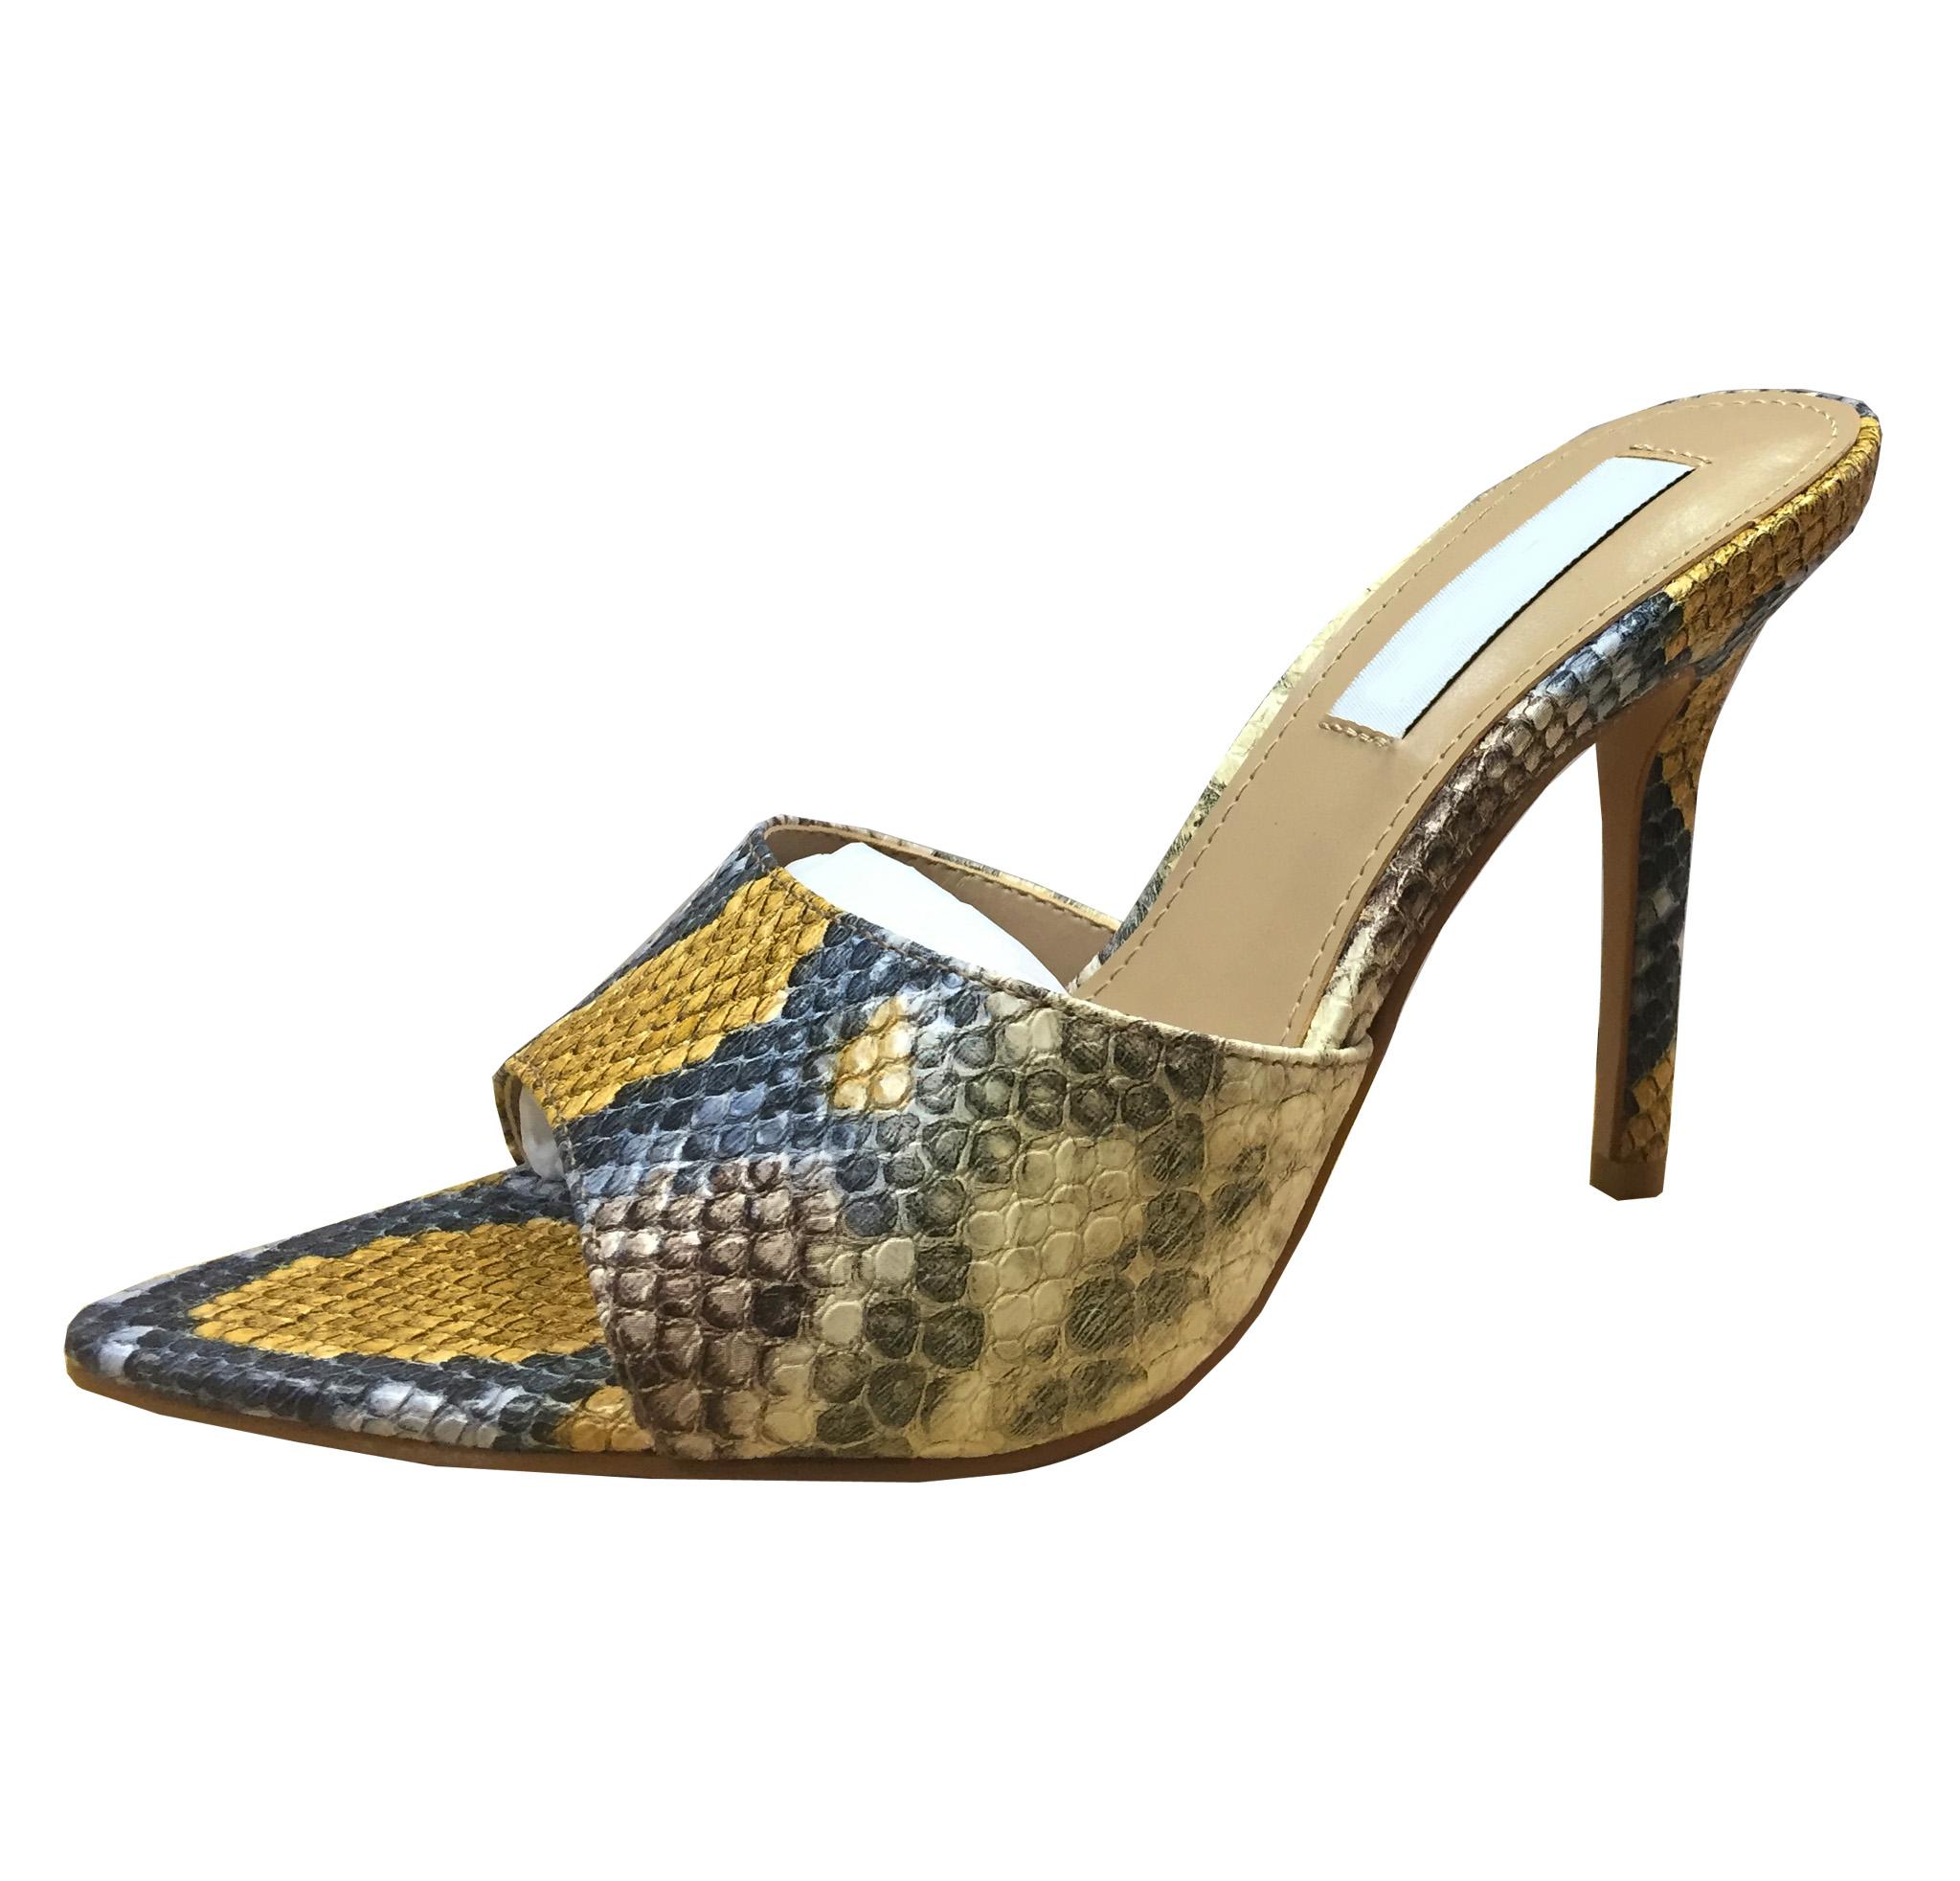 东莞 凉鞋 高跟尖头拖鞋生产厂家直供-懿熙女鞋加工厂